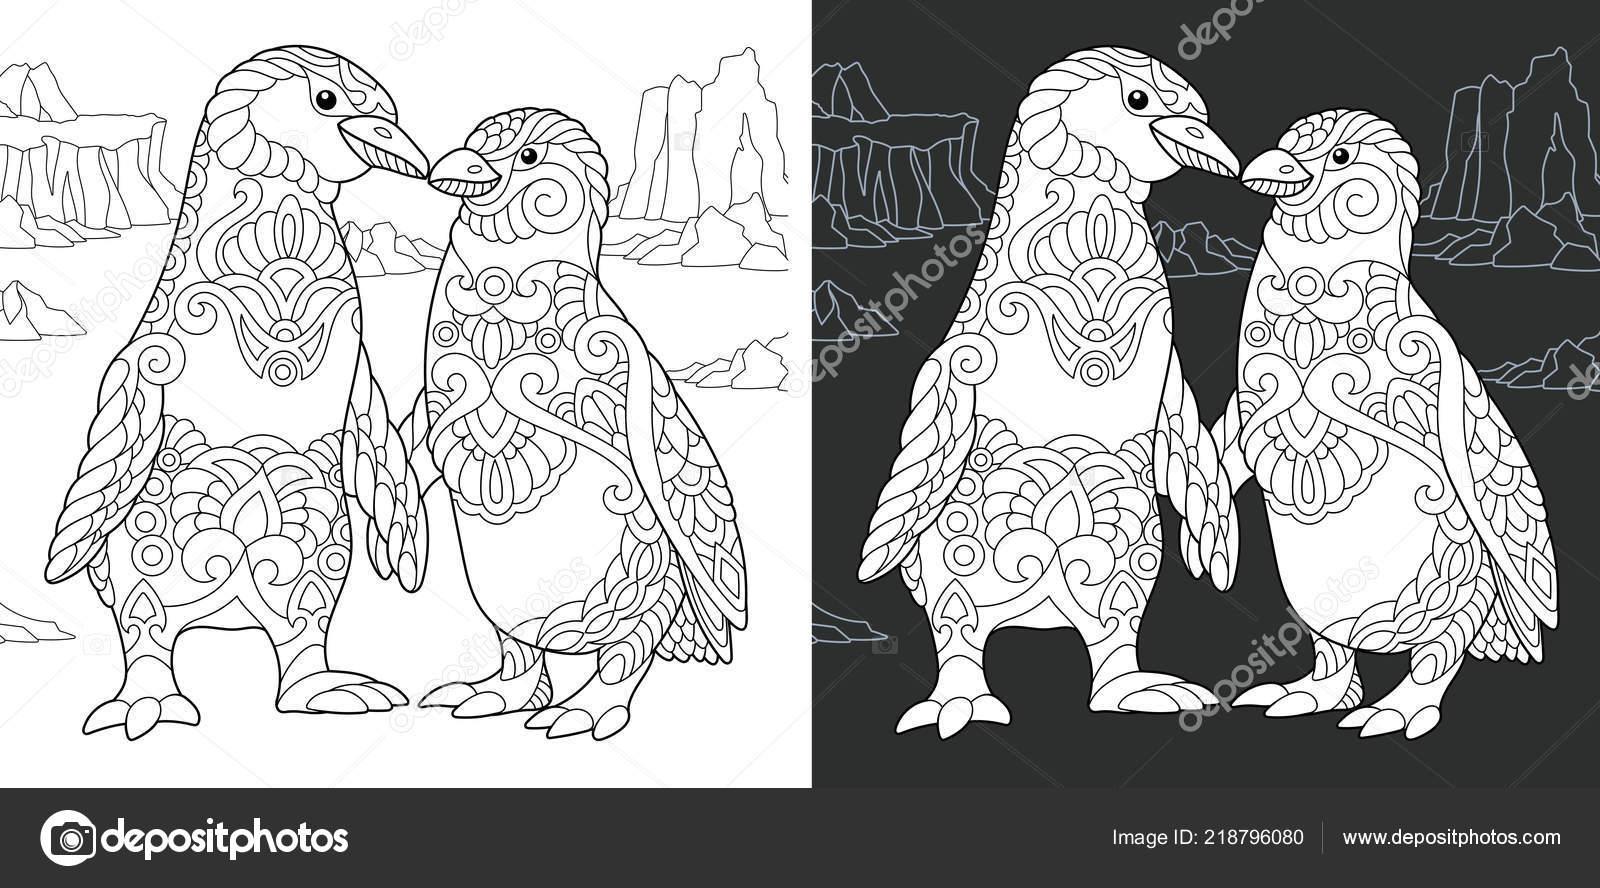 Malvorlagen Malbuch Ausmalbild Mit Pinguin Paar Zentangle Stil